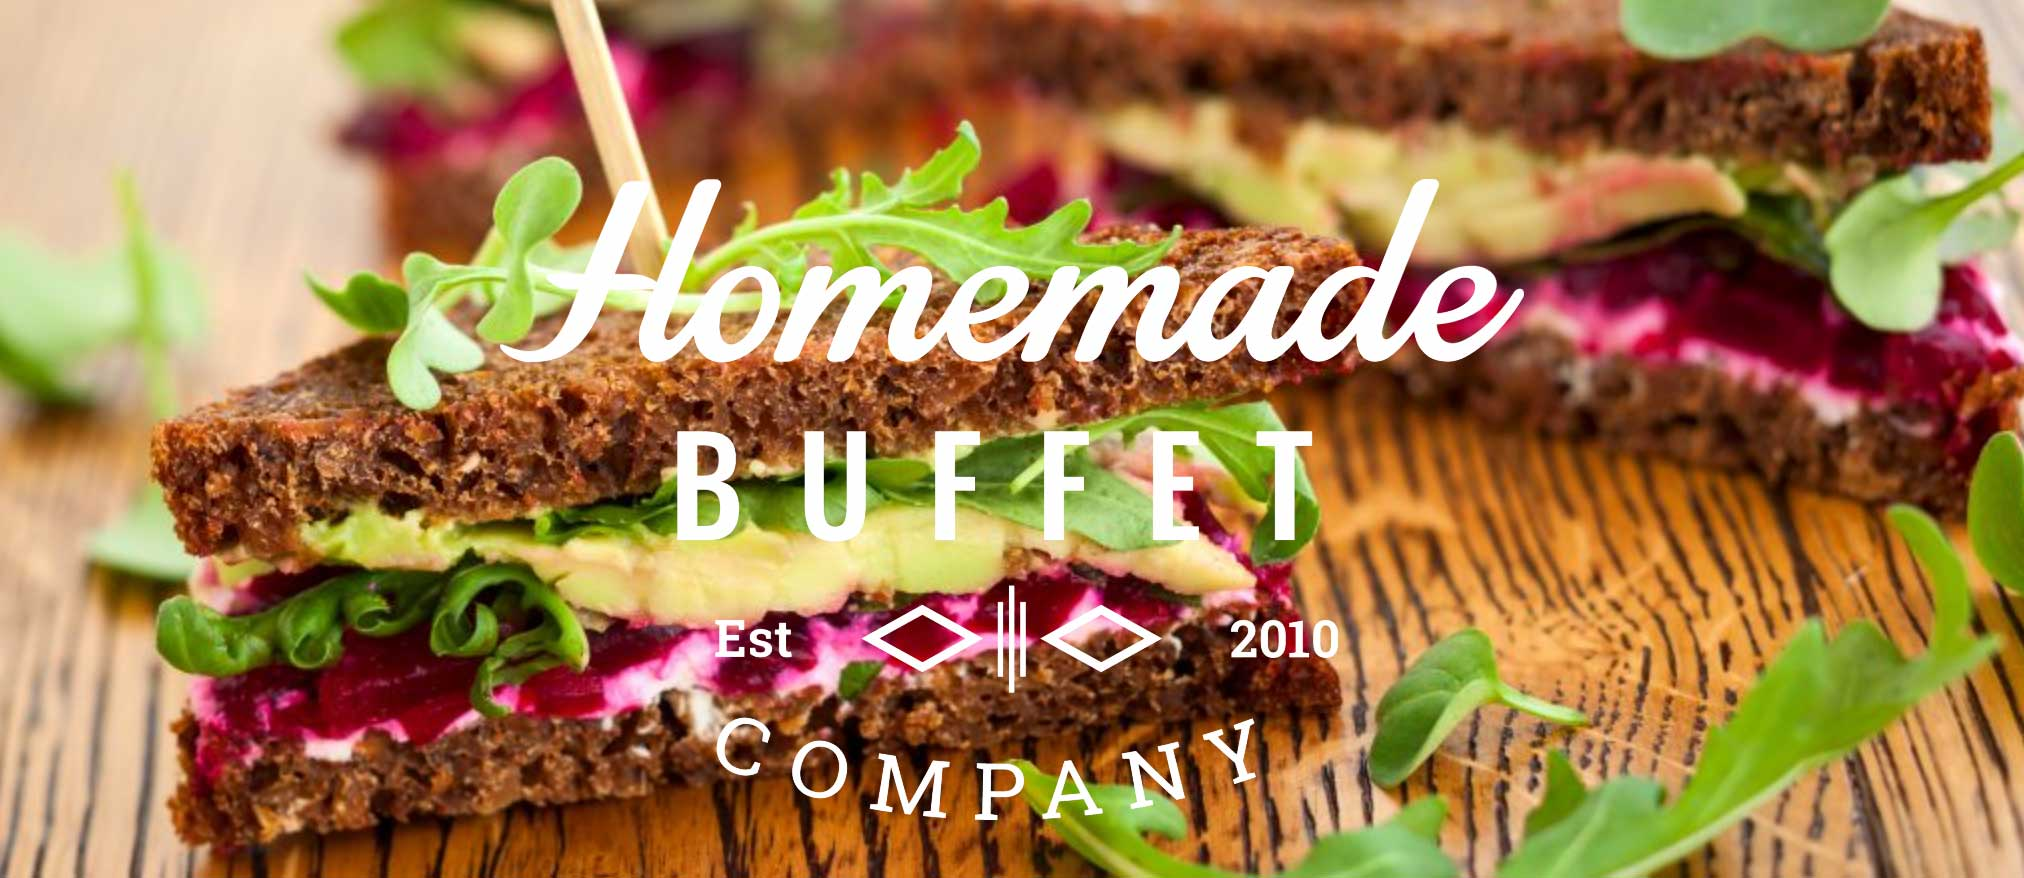 Homemade Buffet